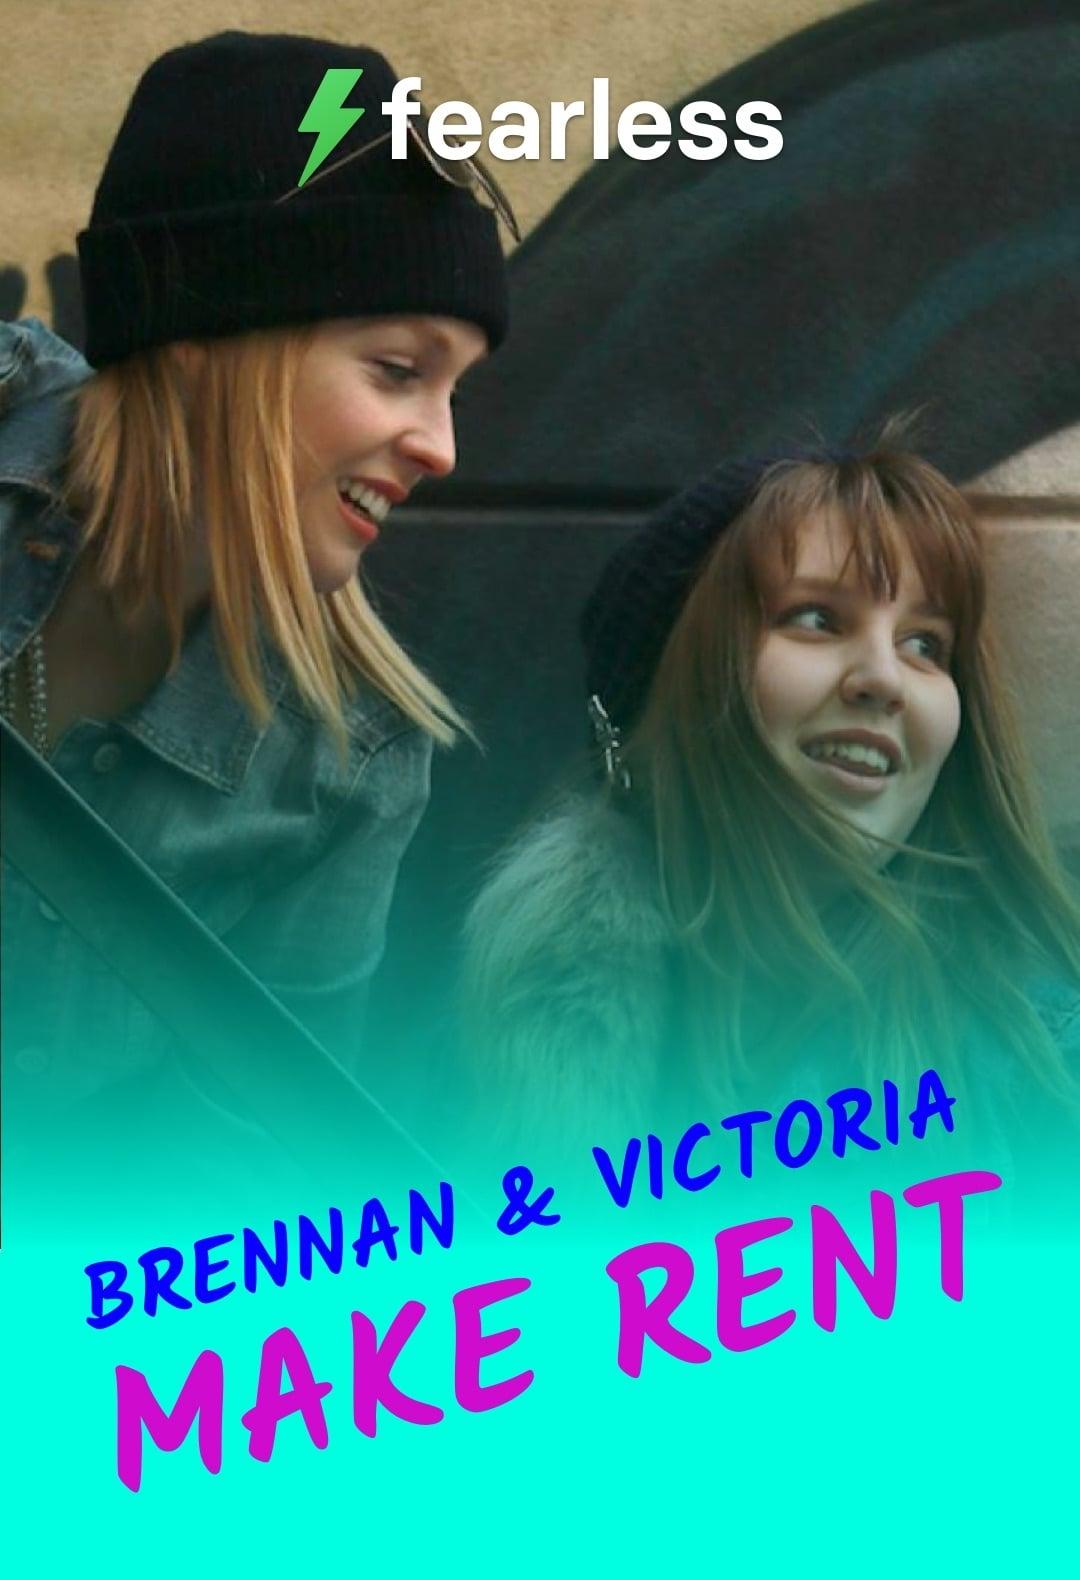 Brennan & Victoria Make Rent (2020)